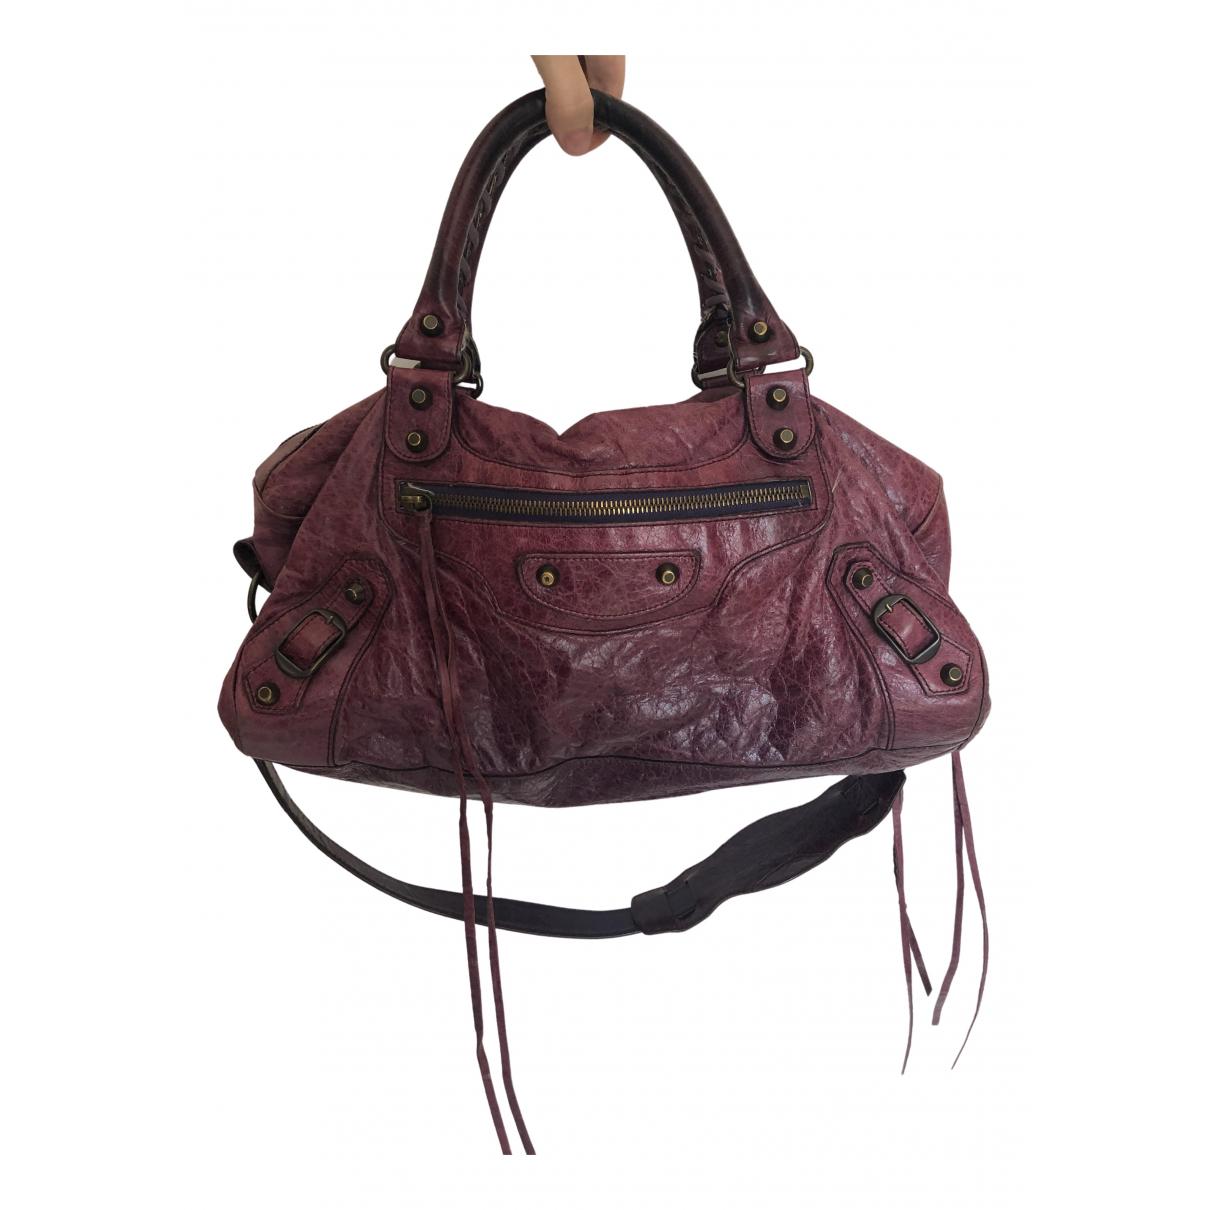 Balenciaga - Sac a main Twiggy pour femme en cuir - violet